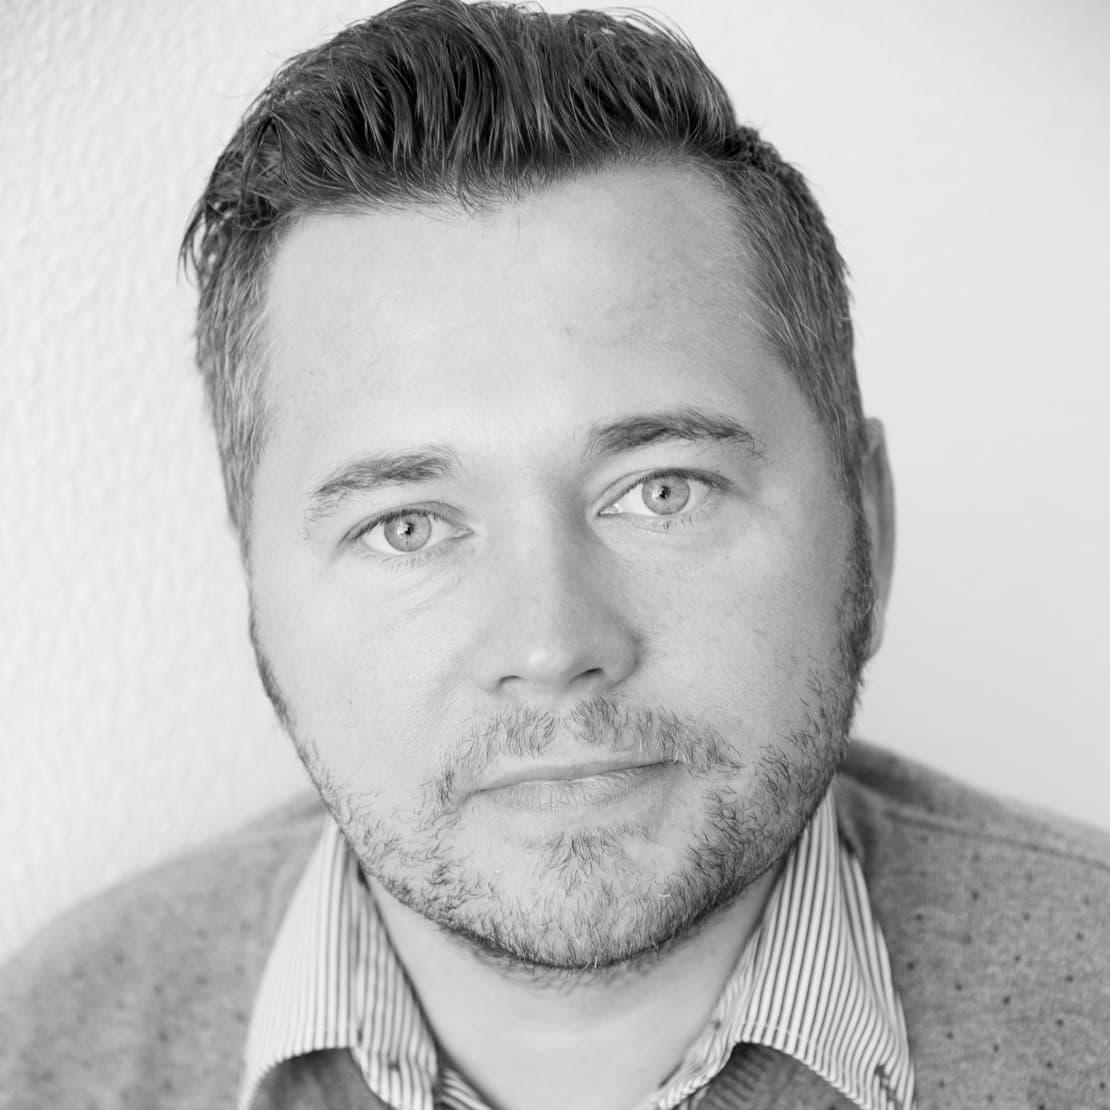 Mikkel Milsgaard portrait